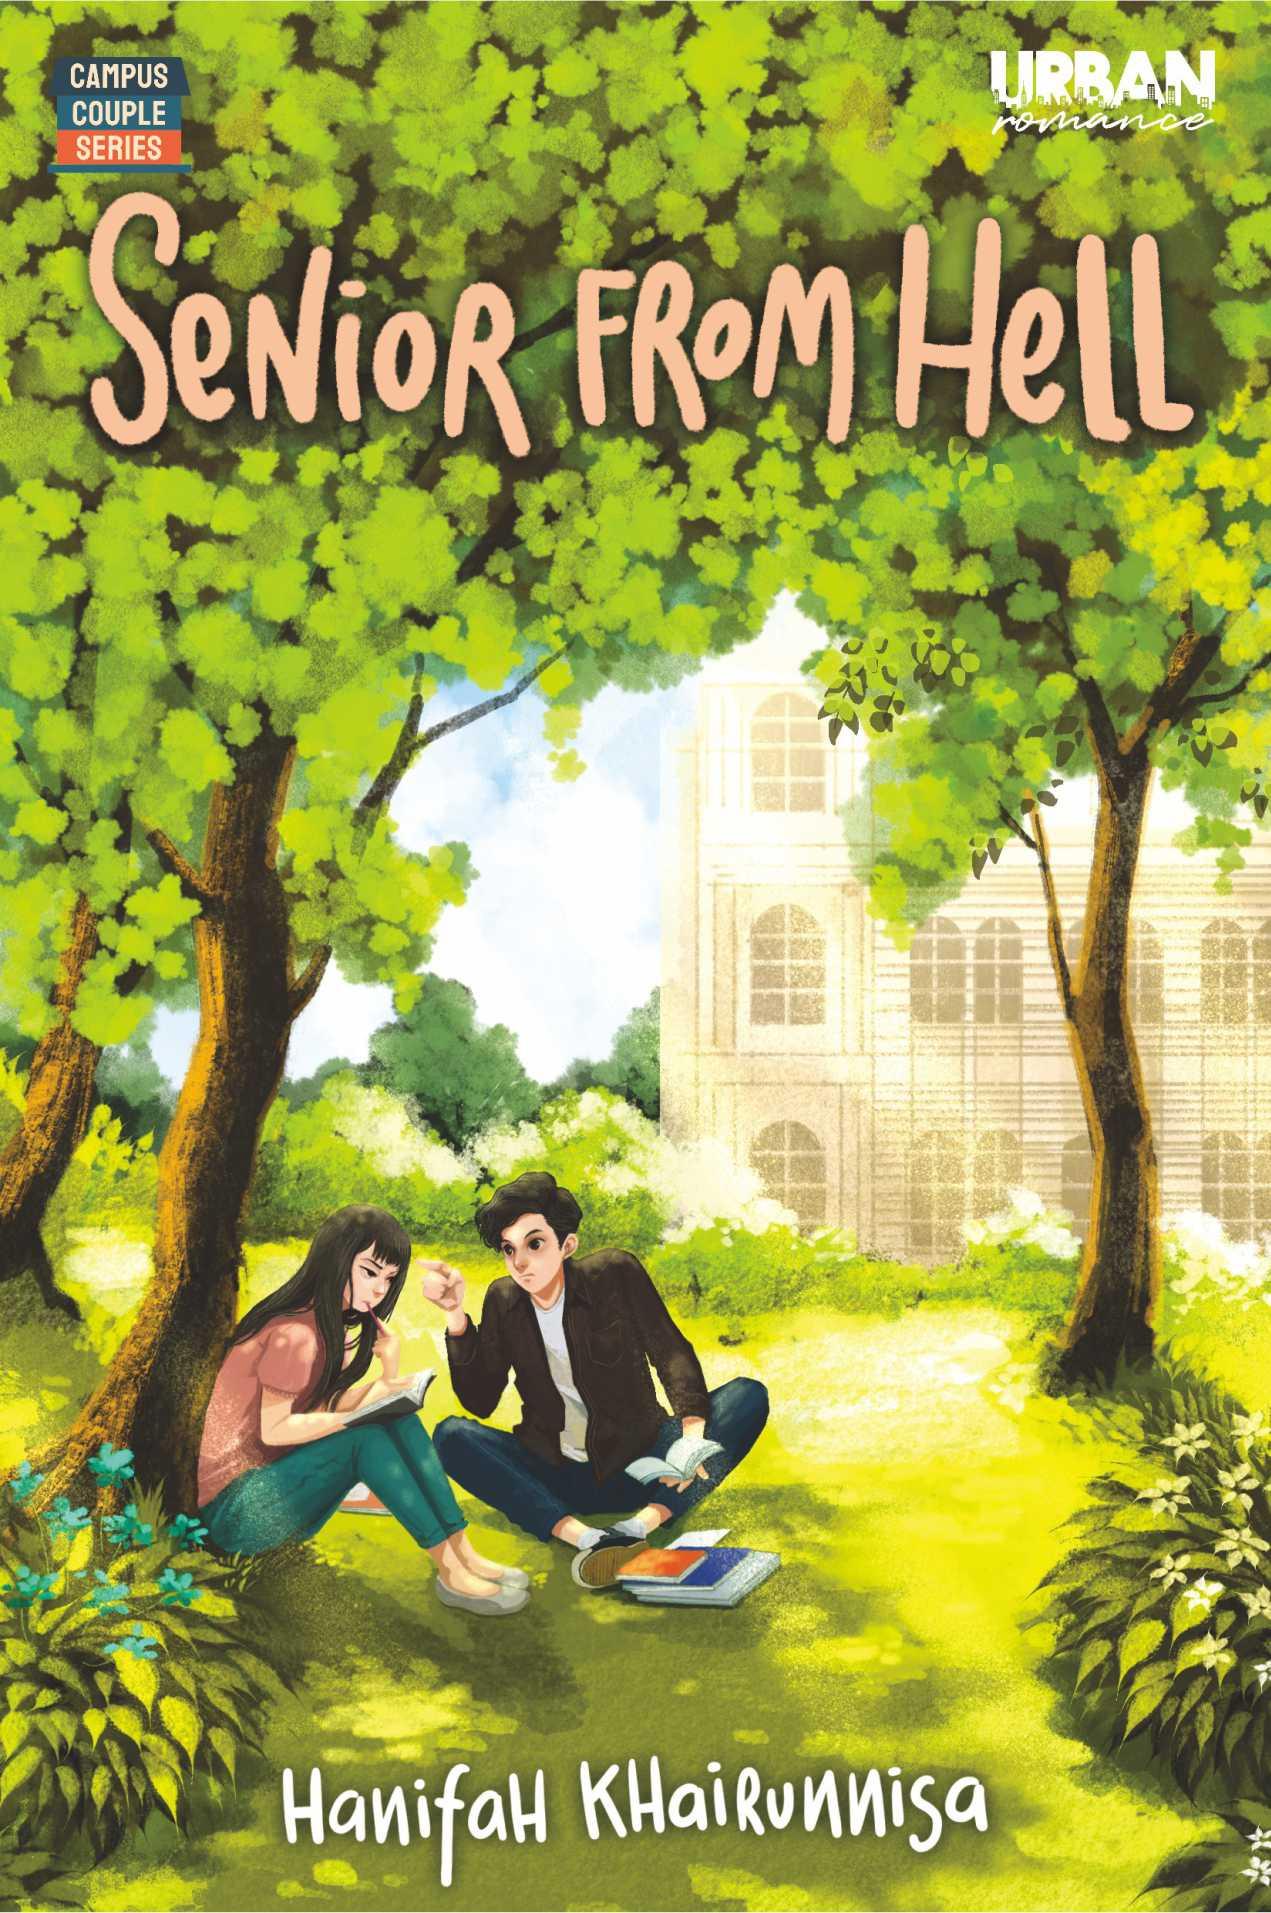 Senior from hell [sumber elektronis]